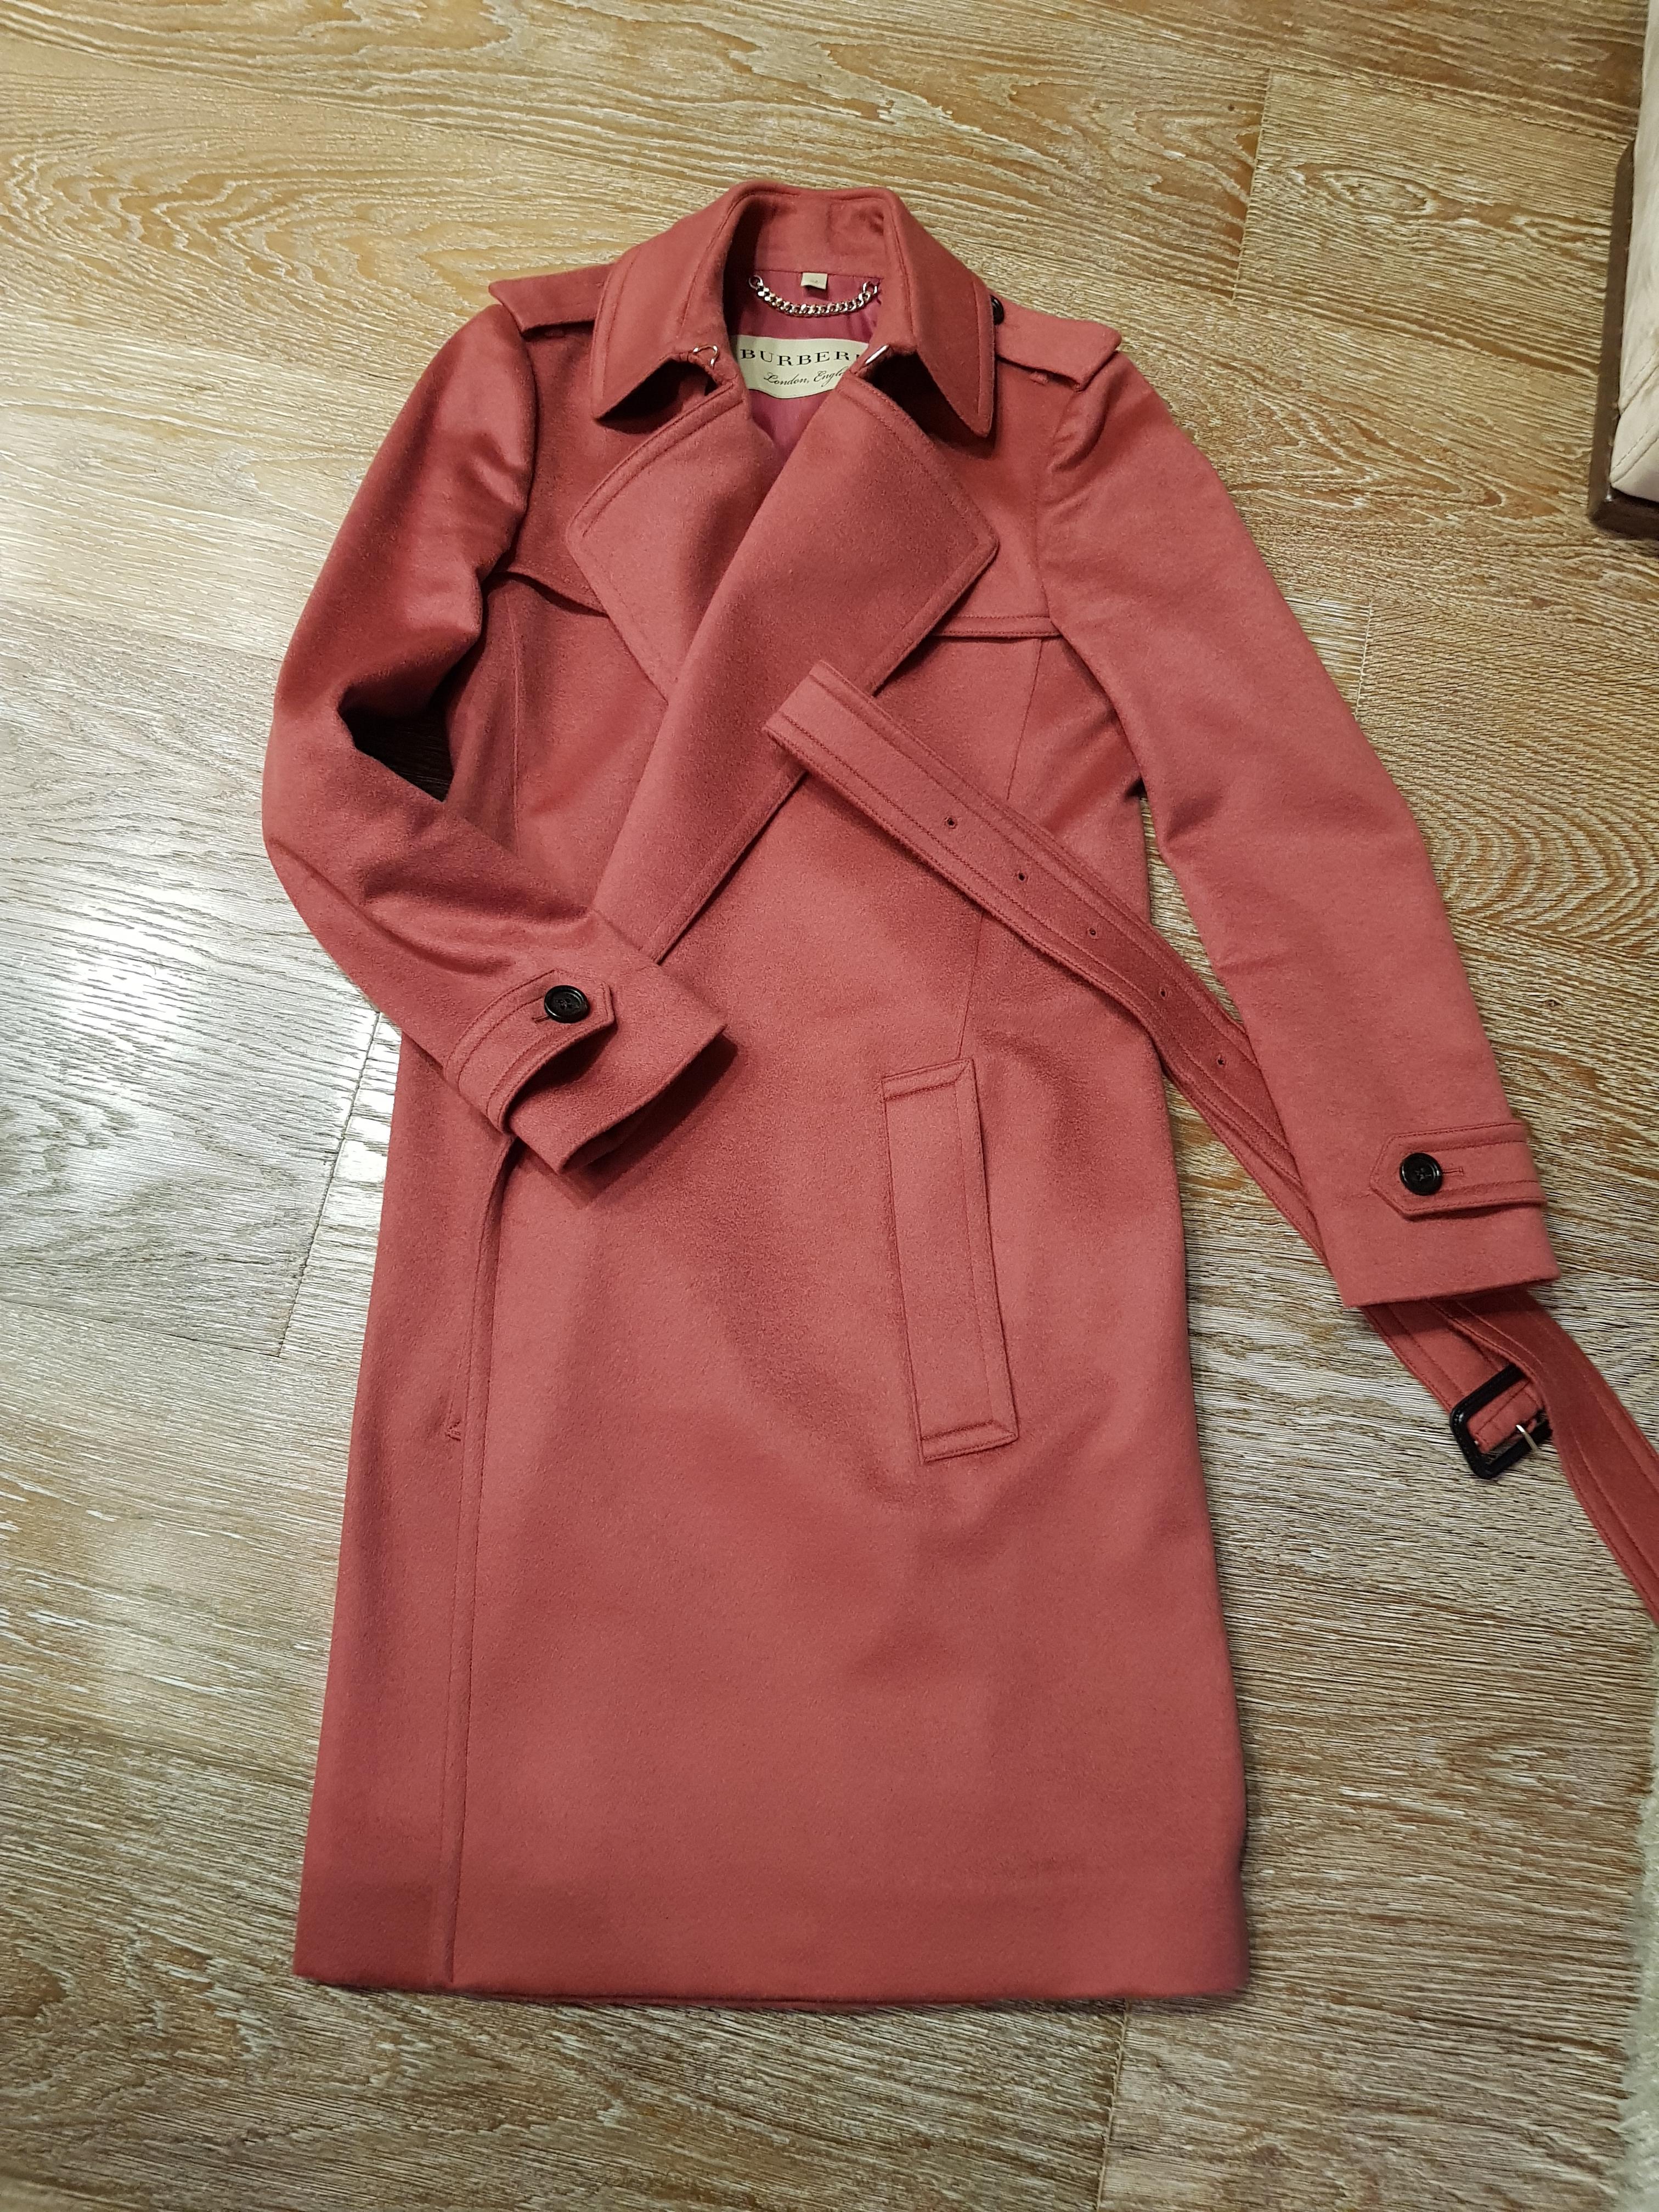 dda3afe79a64 Купить пальто Burberry за 65000 руб. в интернет магазине - бутике с ...